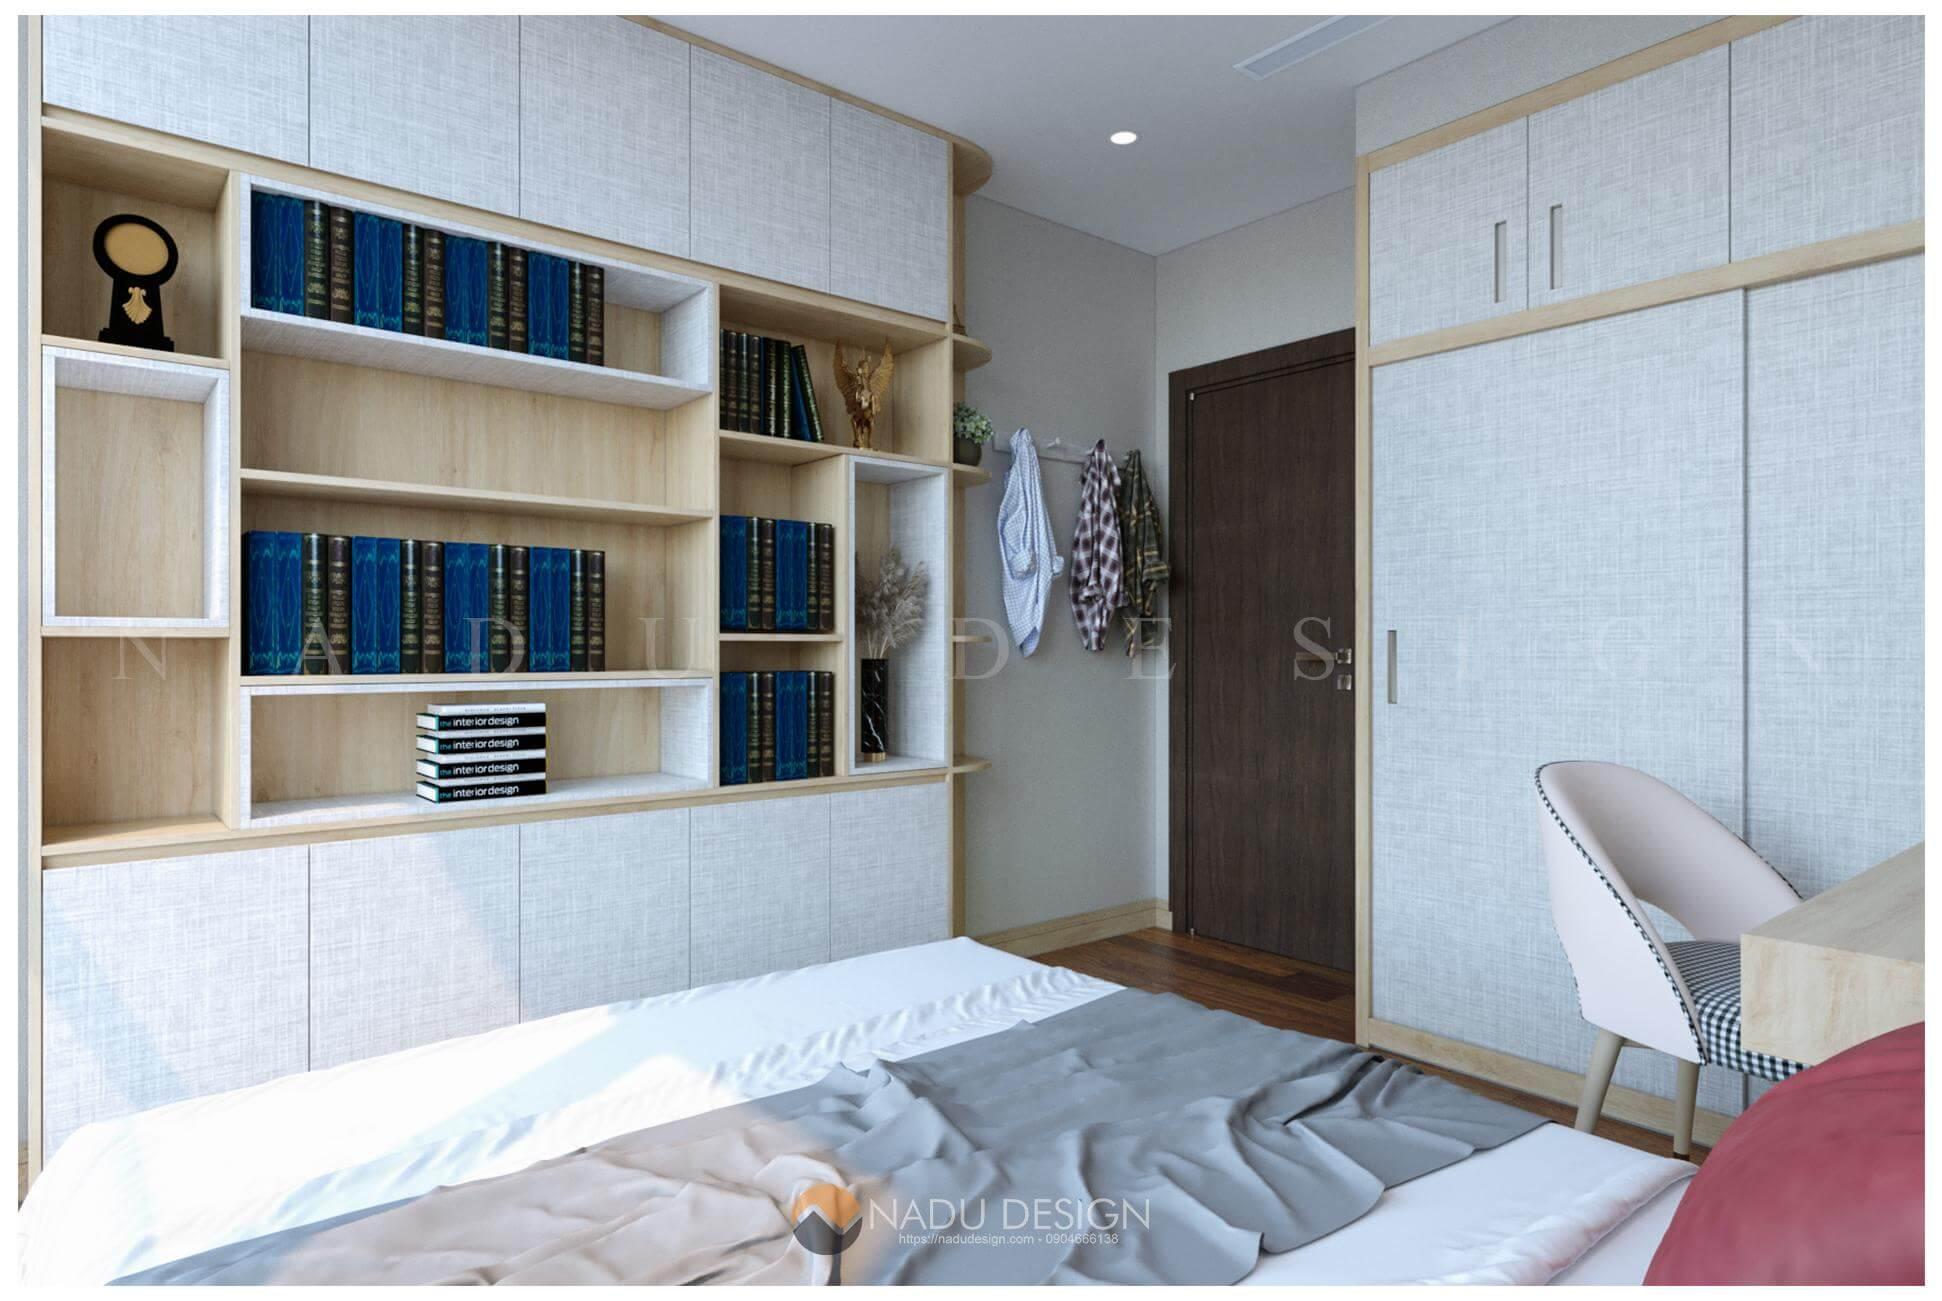 thiết kế nội thất căn hộ Vinhomes West Point nhà chị Huệ phòng ngủ 12